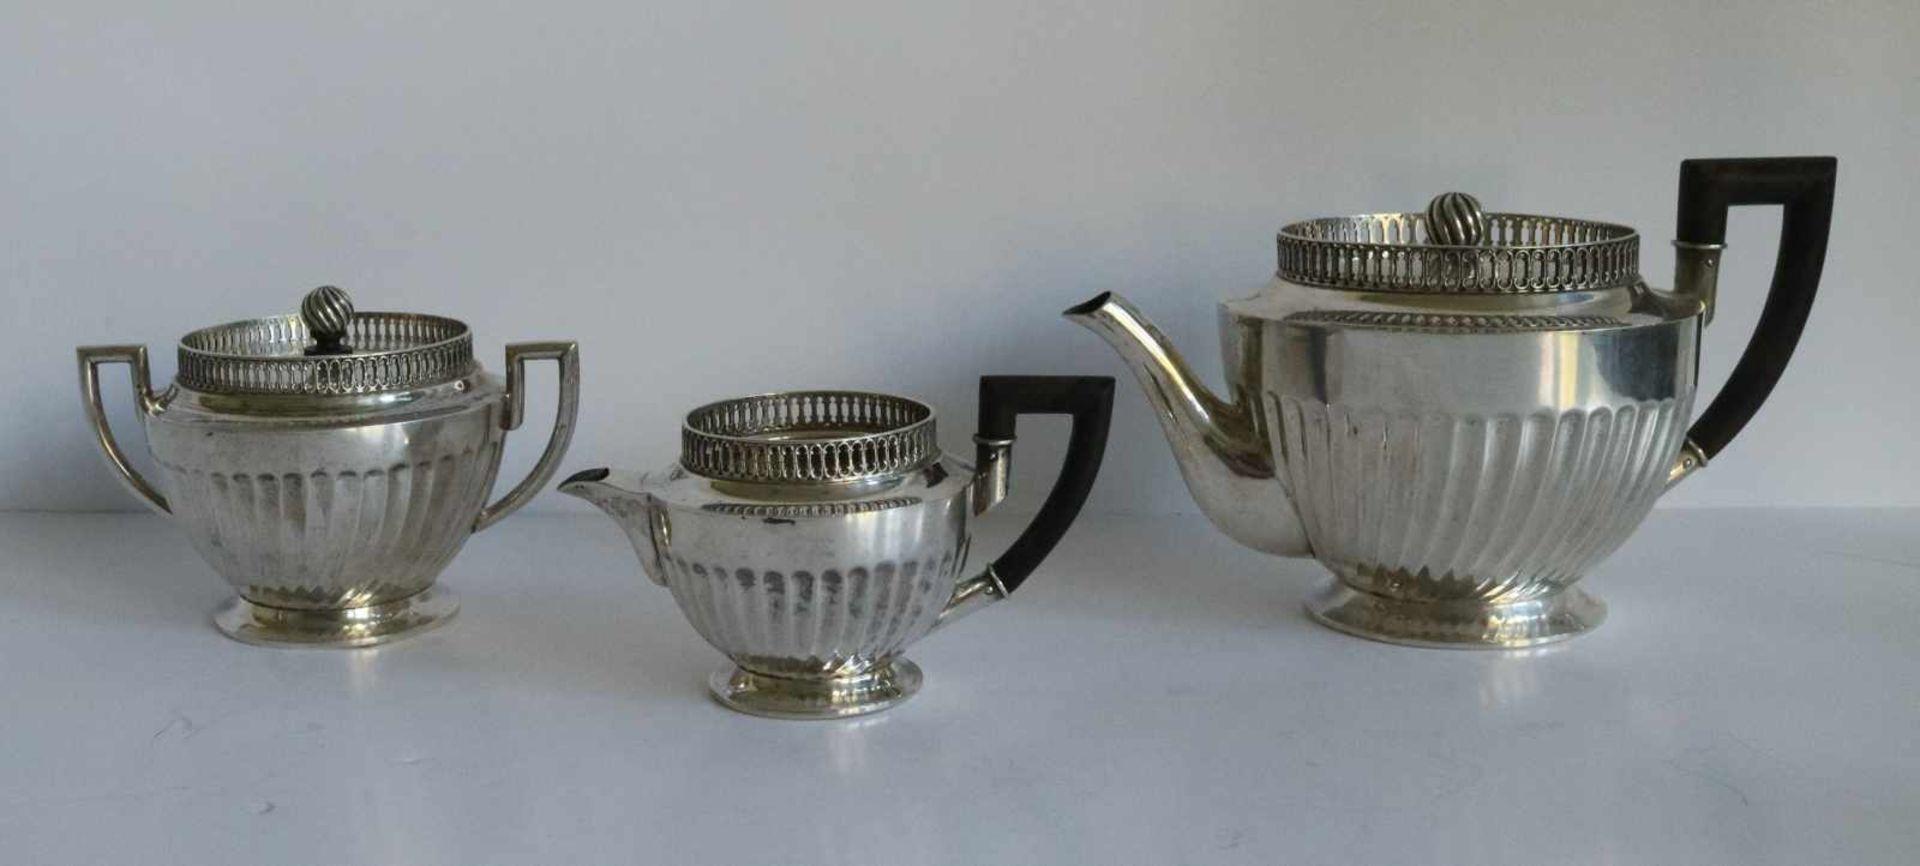 Los 18 - Silver tea service Ostro-Hungary 19th century, 620 grams H 6, 8 en 9,5 B 11,5, 12 en 18 cm